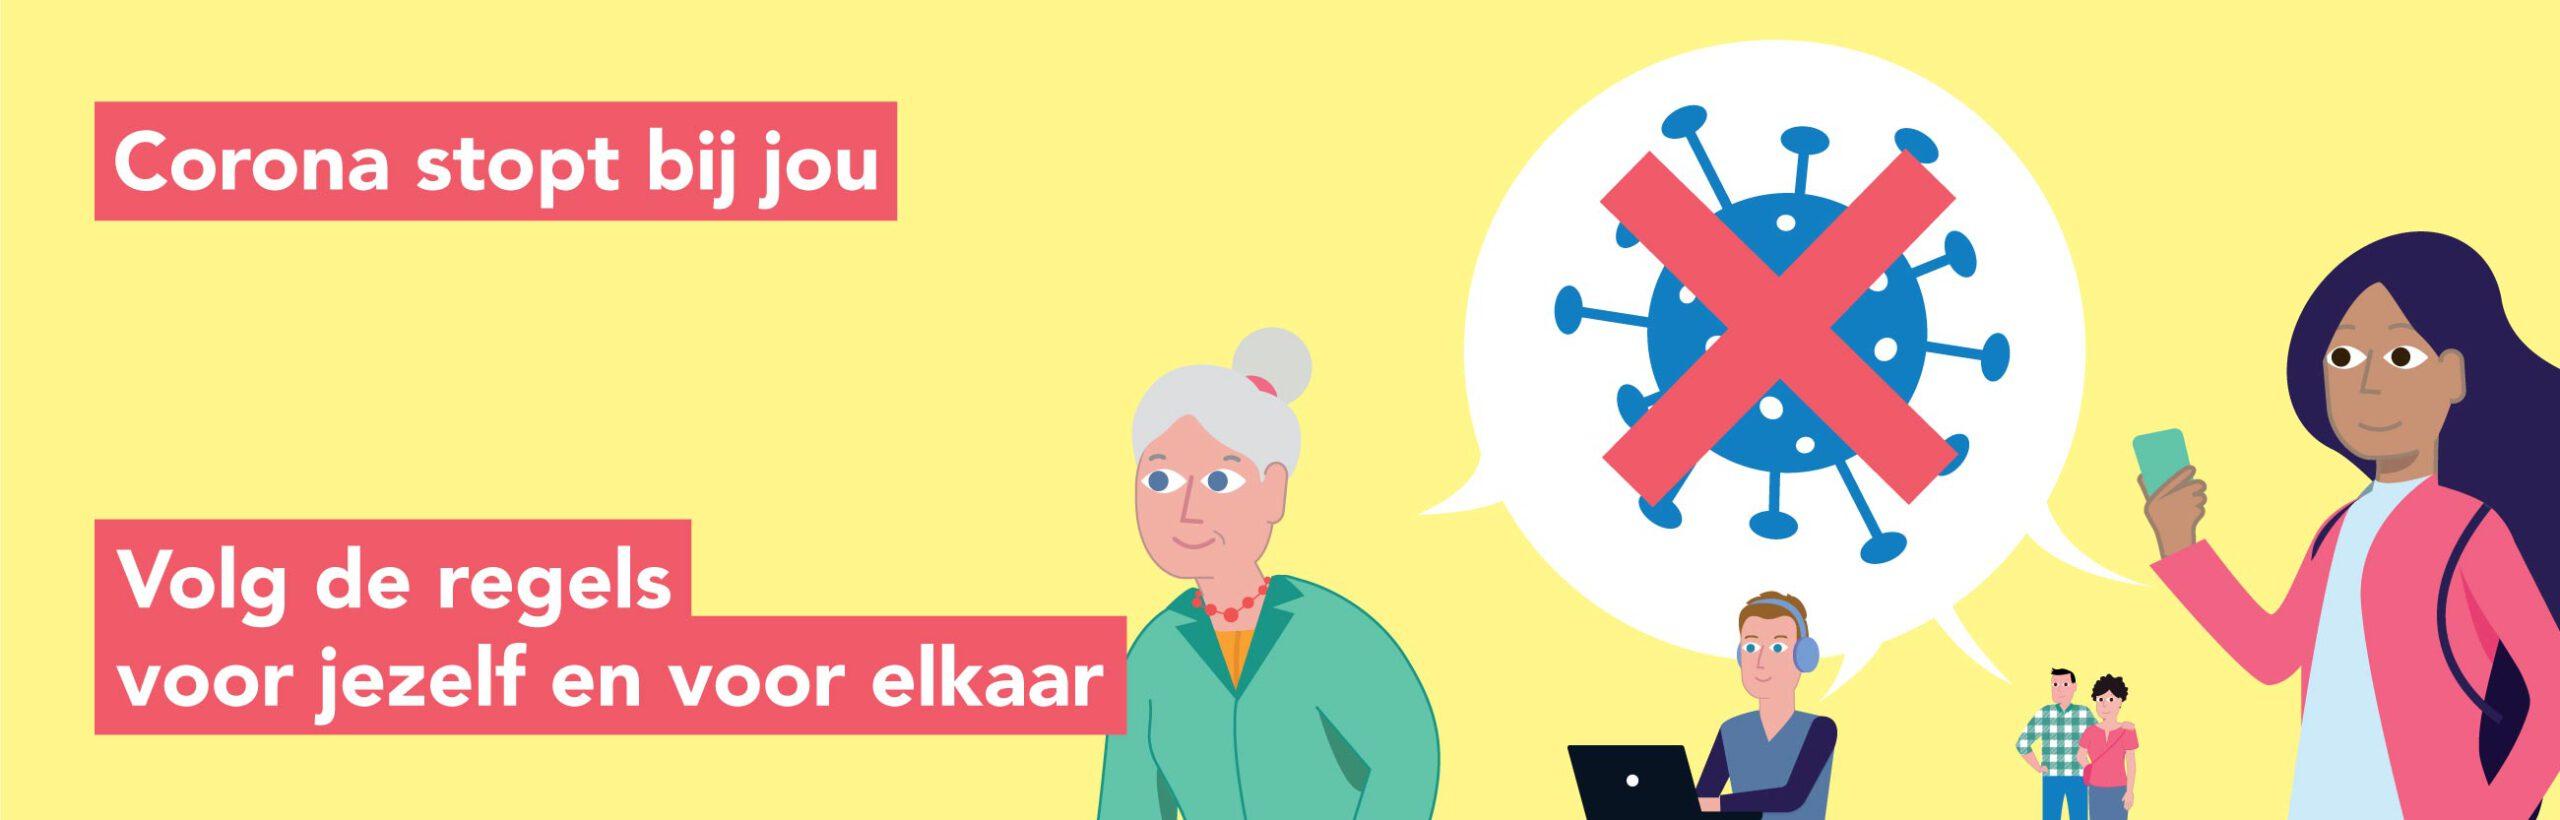 Corona stopt bij jou campagne - Studio van Laar - GGD Brabant-Zuidoost